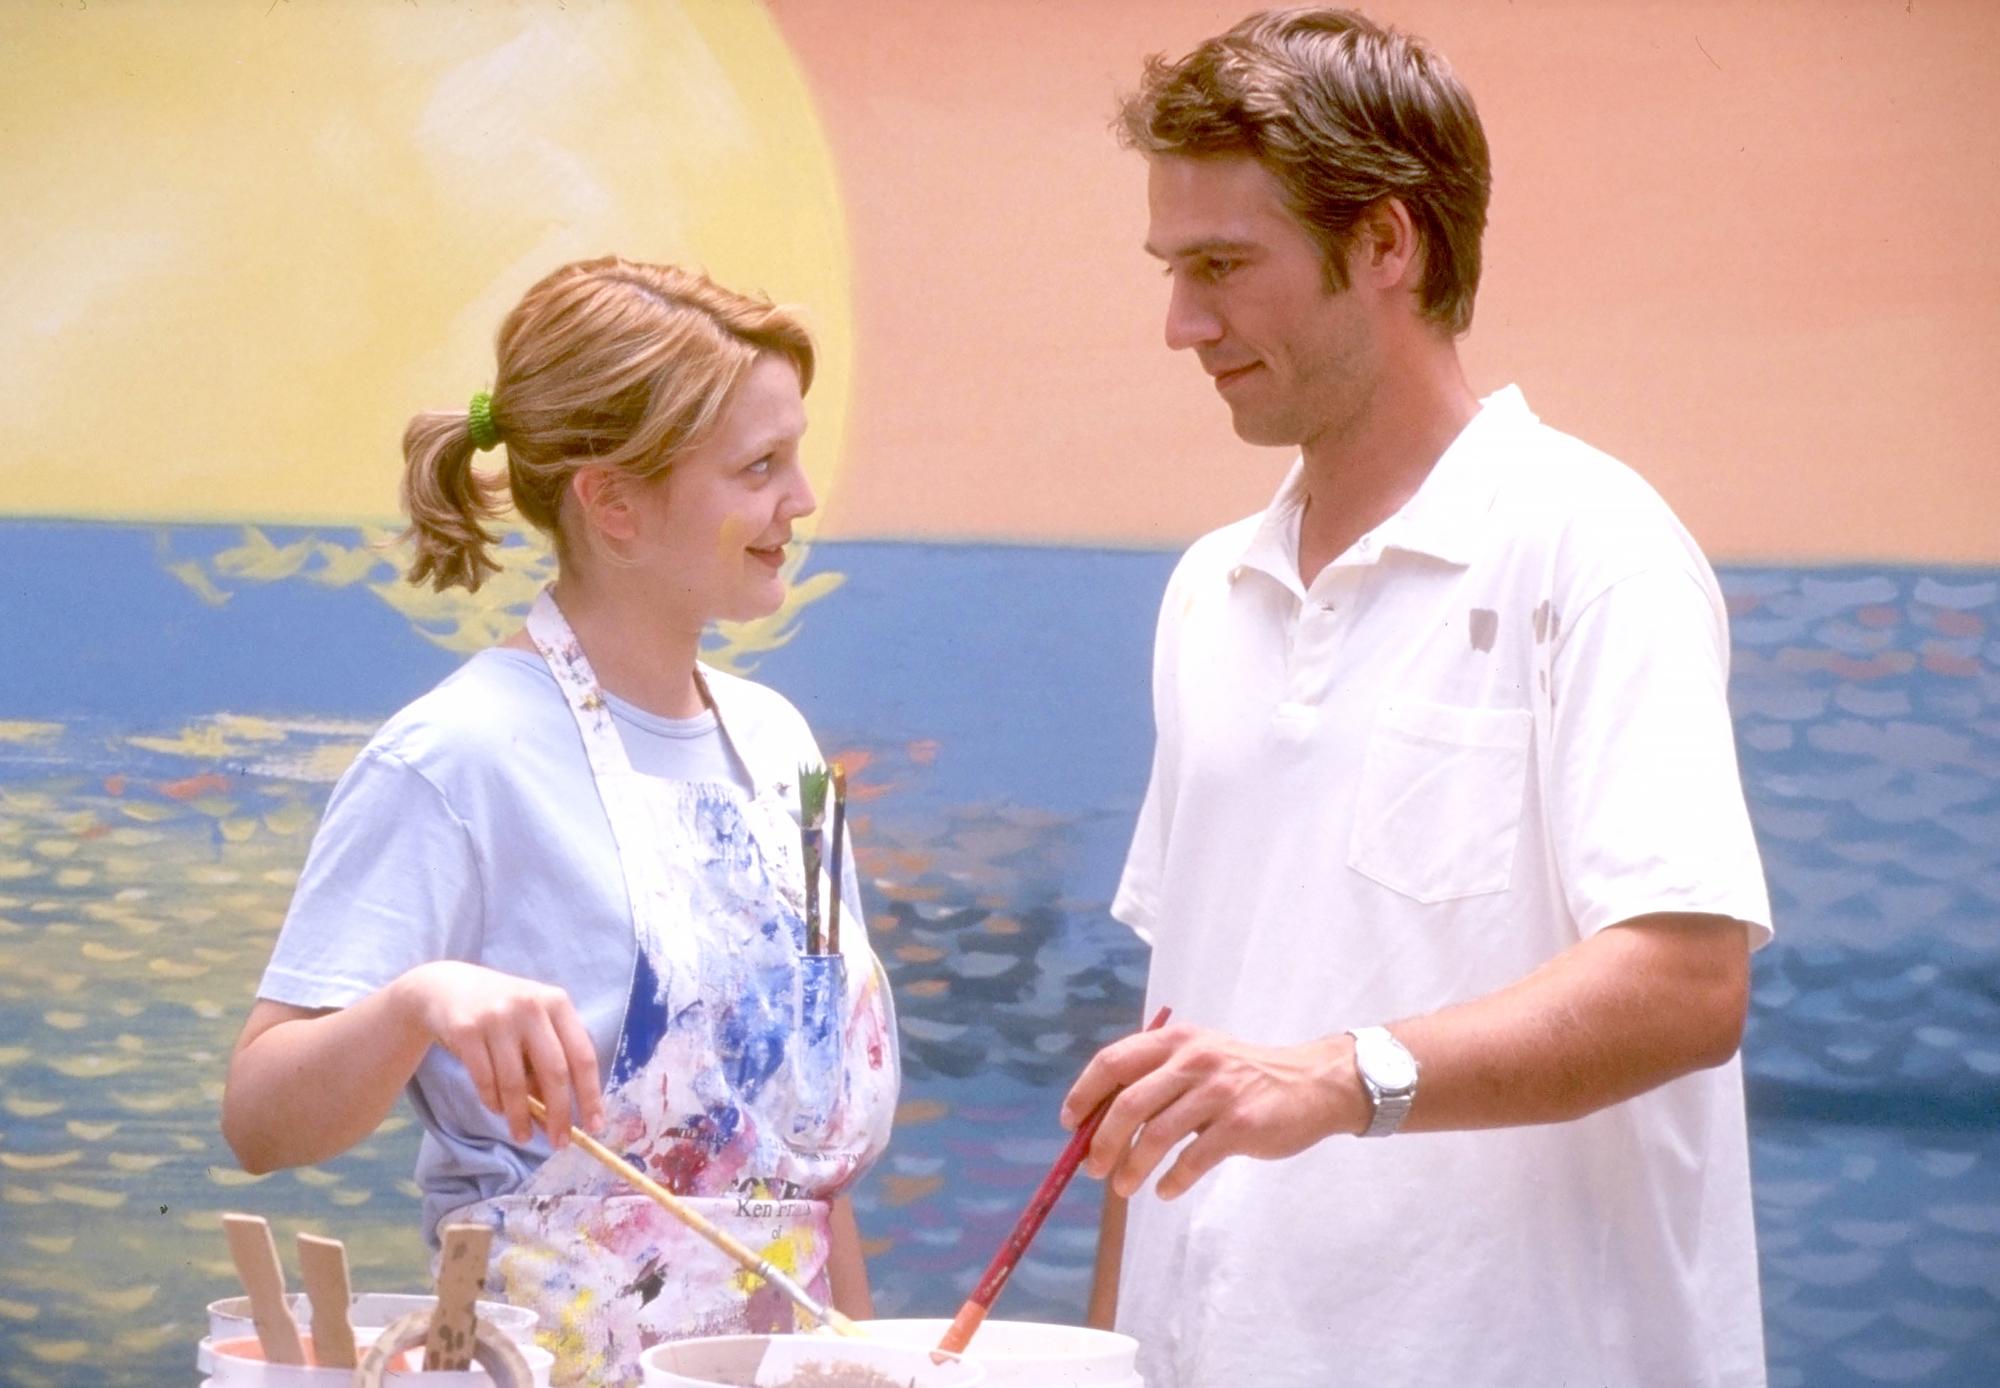 Michael-Vartan-never-been-kissed - Drew Barrymore and Michael Vartan in Never Been Kissed